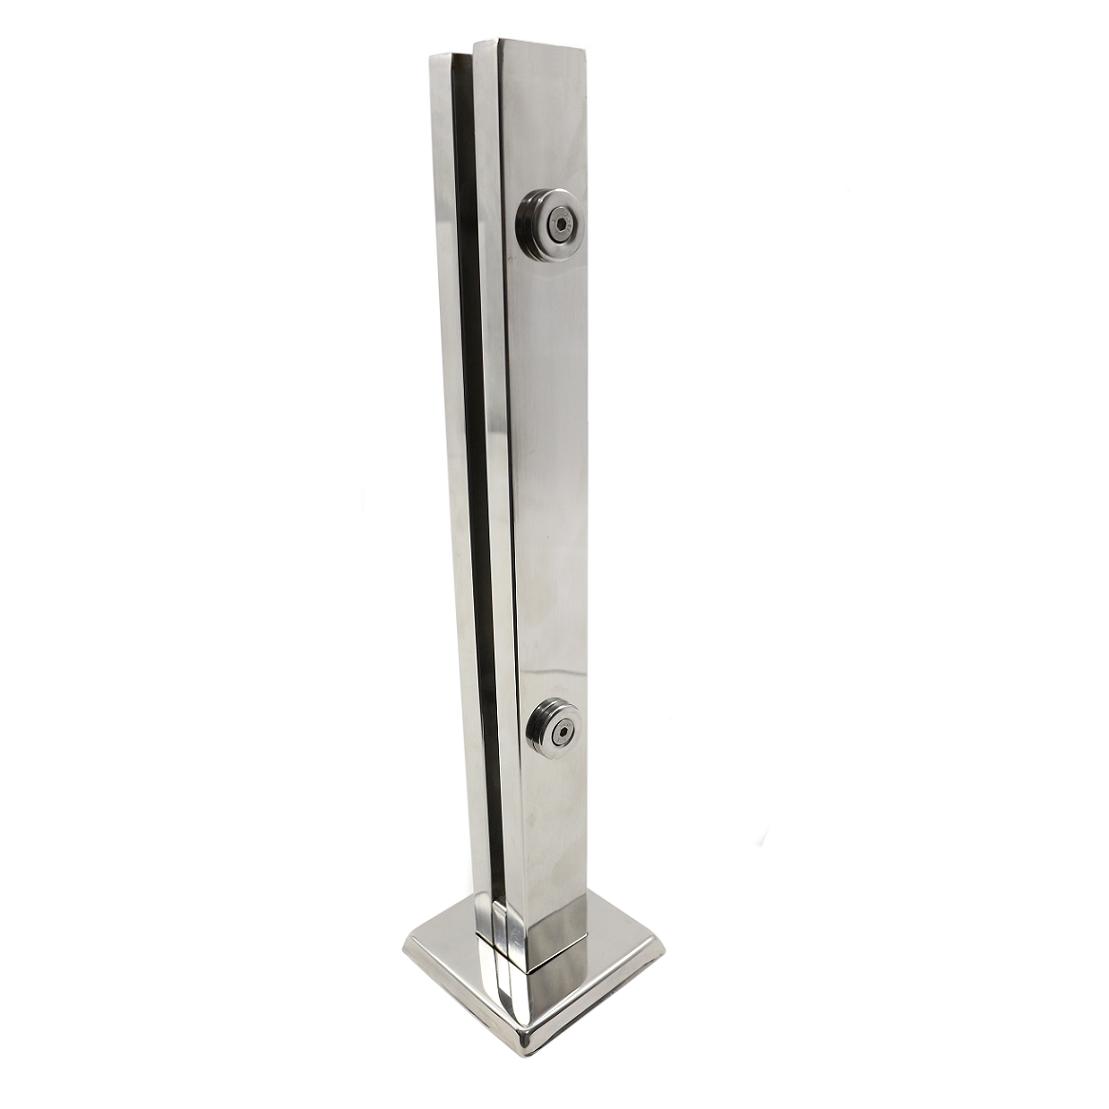 Coluna Torre 40 Cm - 2 Furos - Polida - Aço Inox 304 - v.10